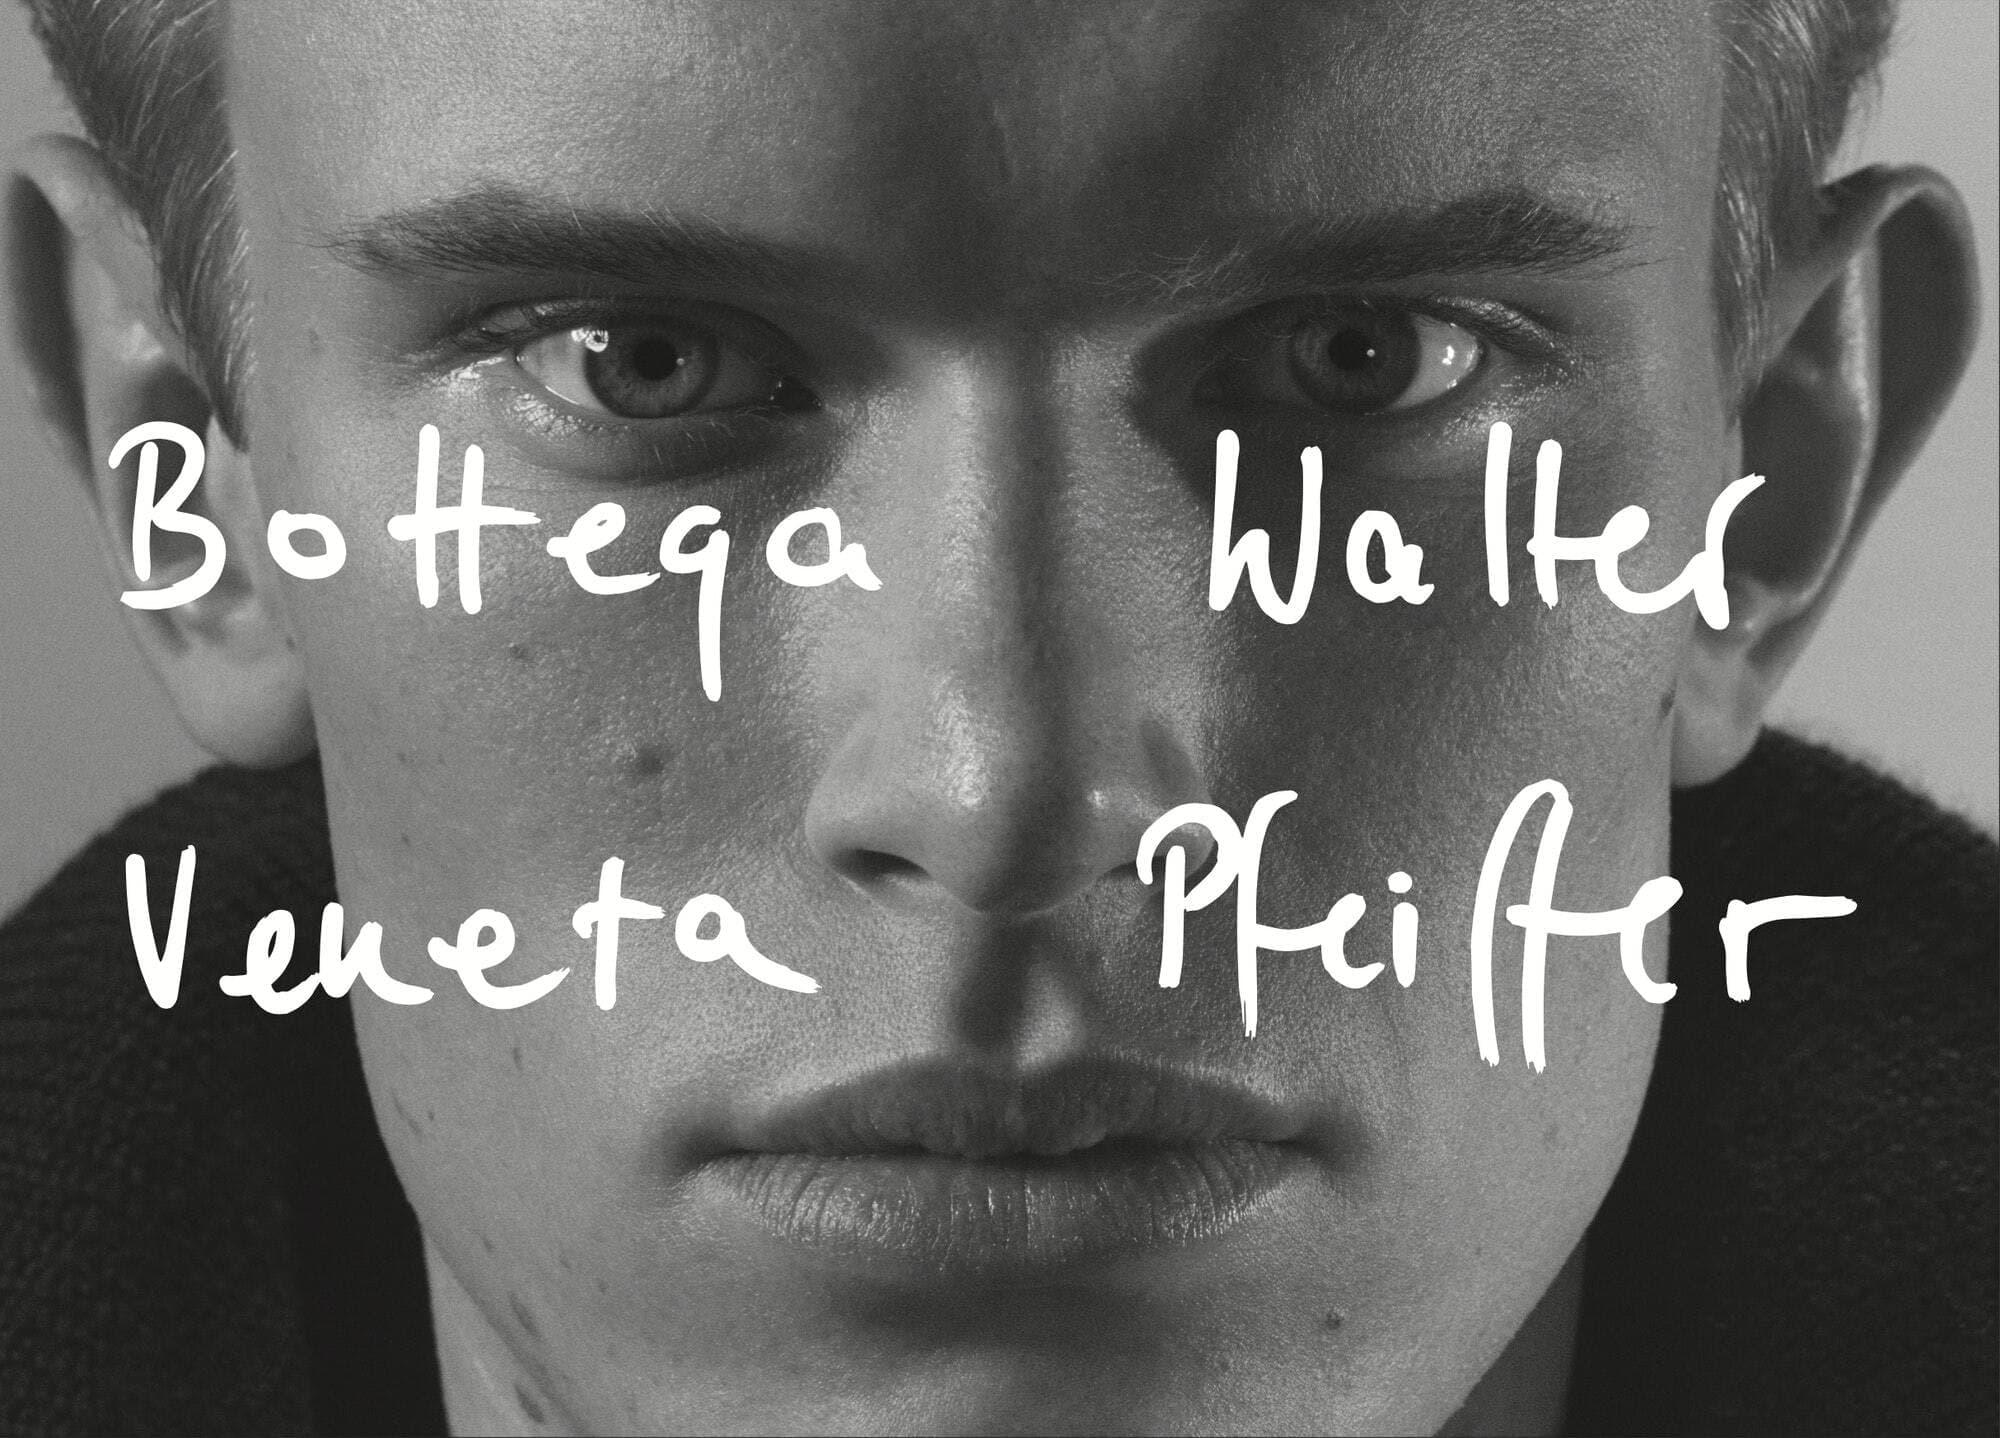 Bottega Veneta Spring 2021 Special Project